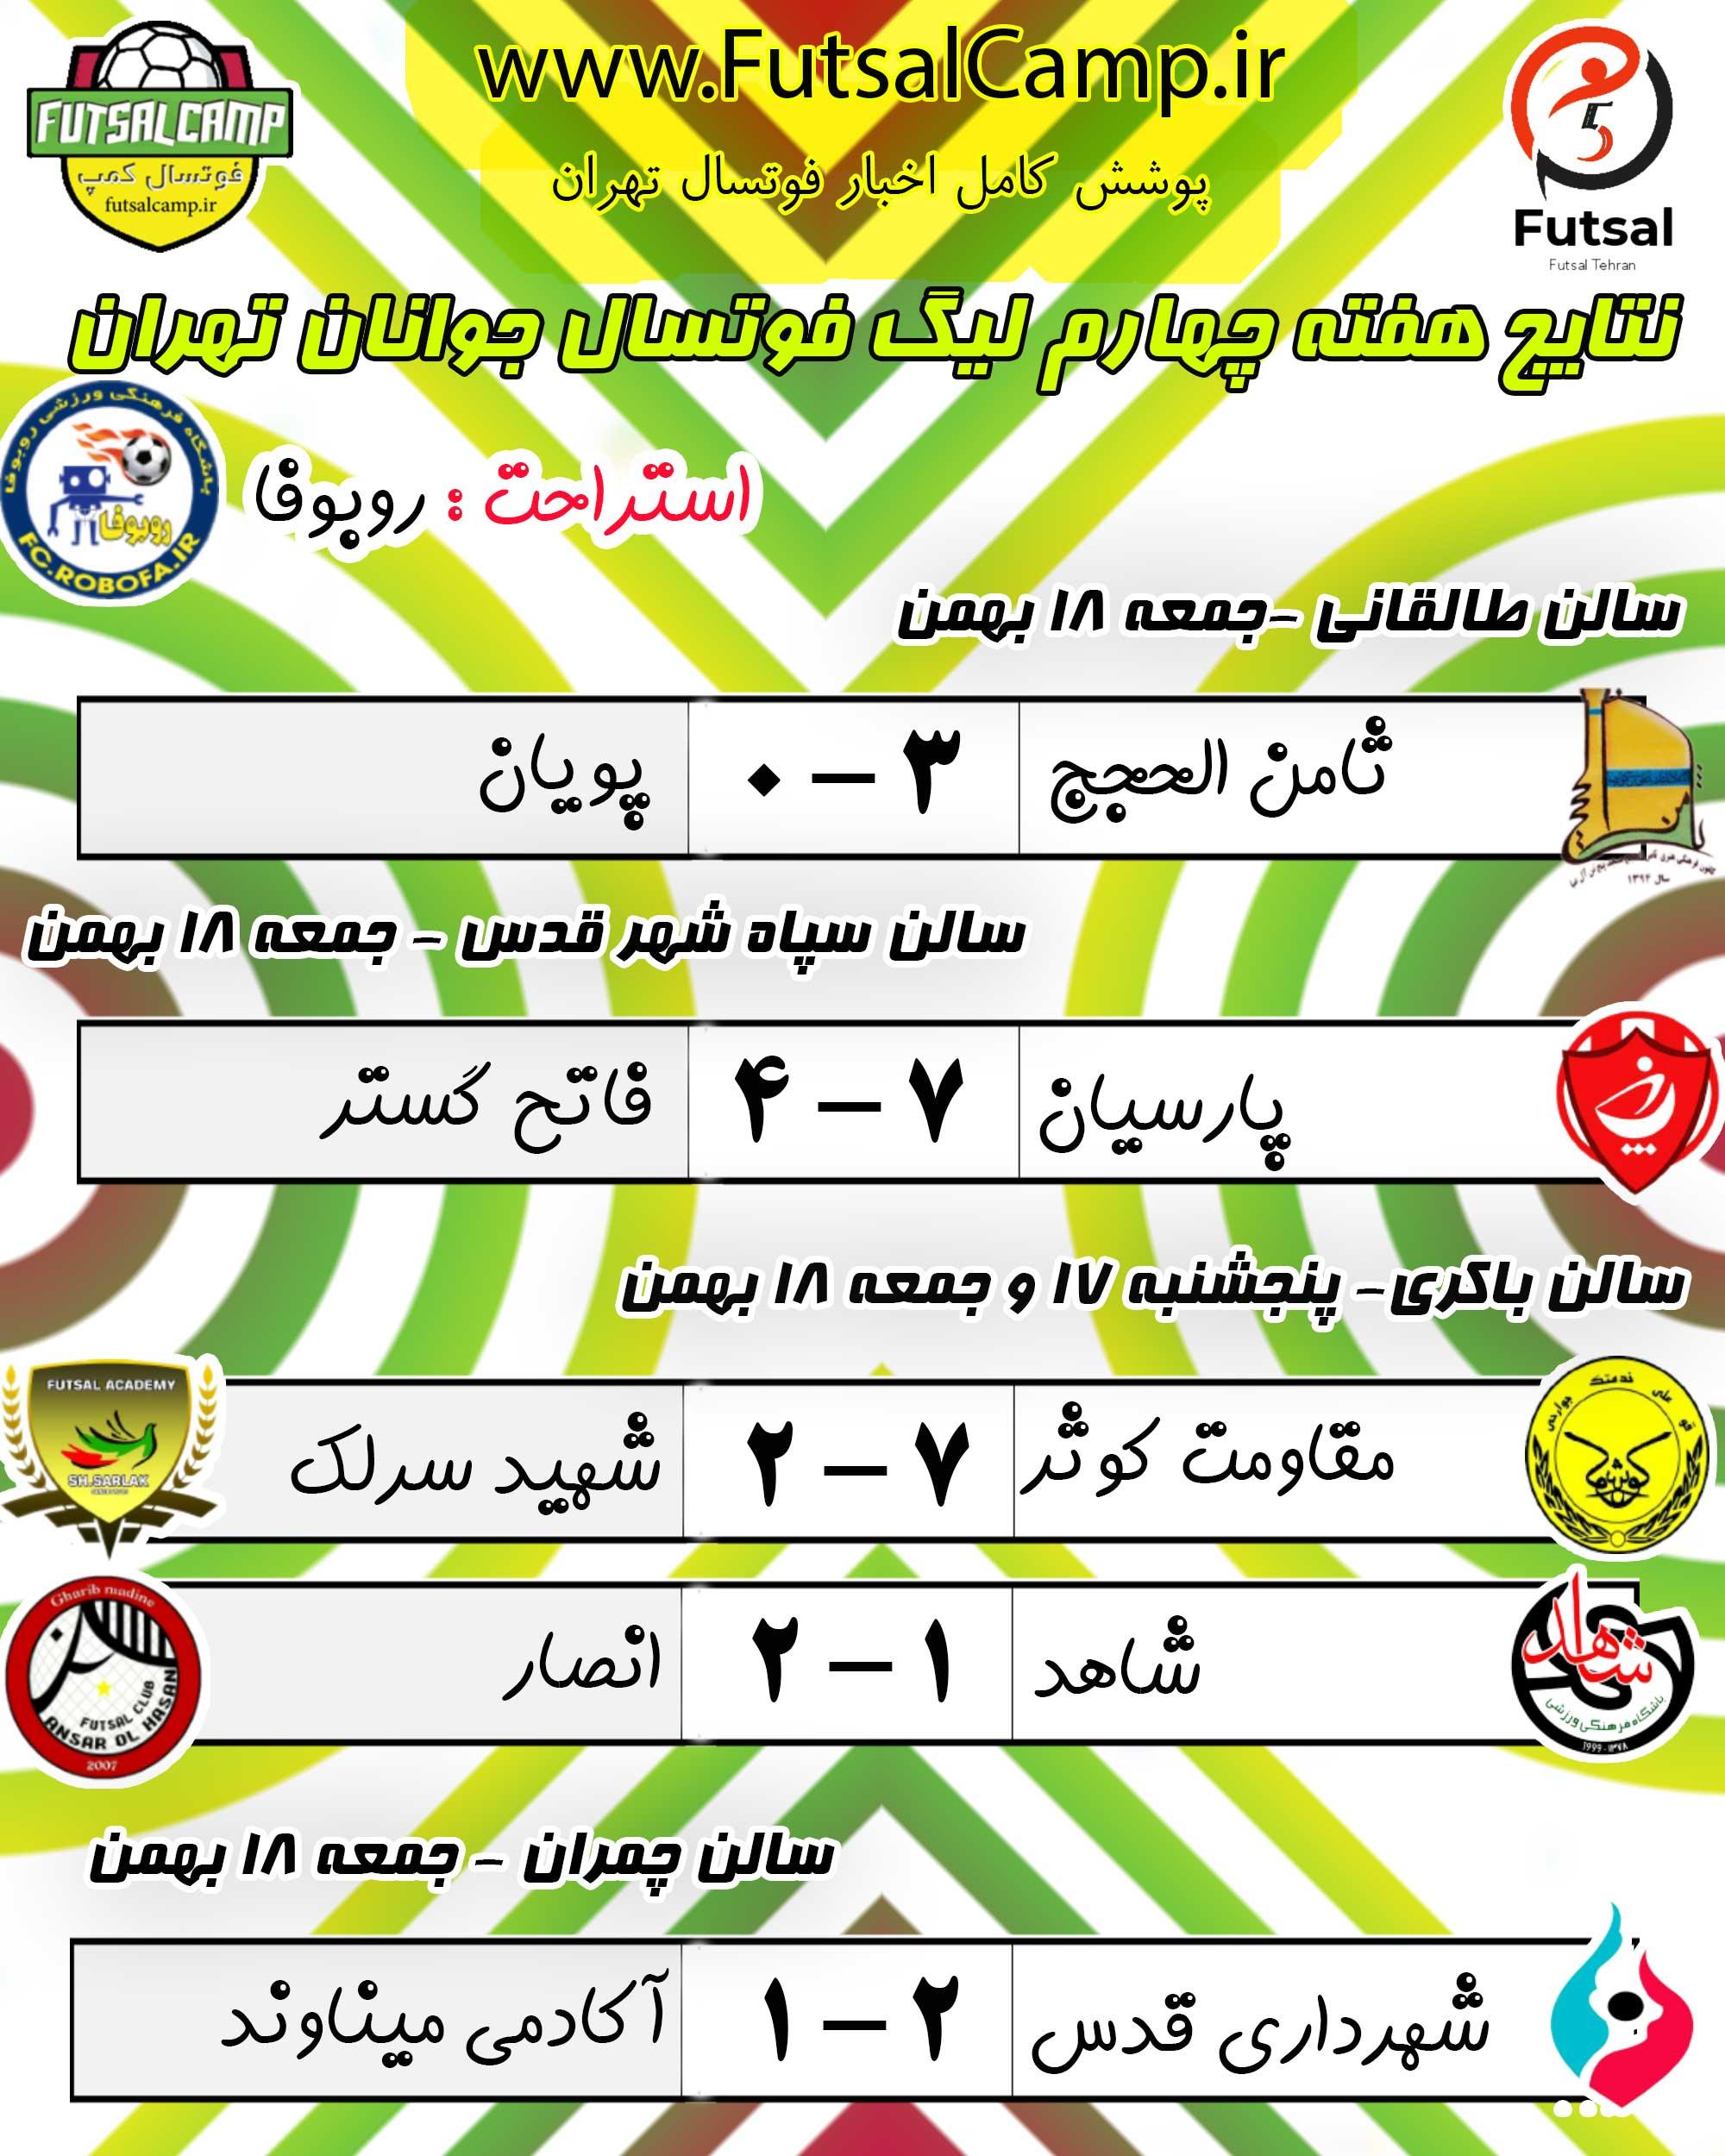 نتایج هفته چهارم لیگ فوتسال جوانان تهران